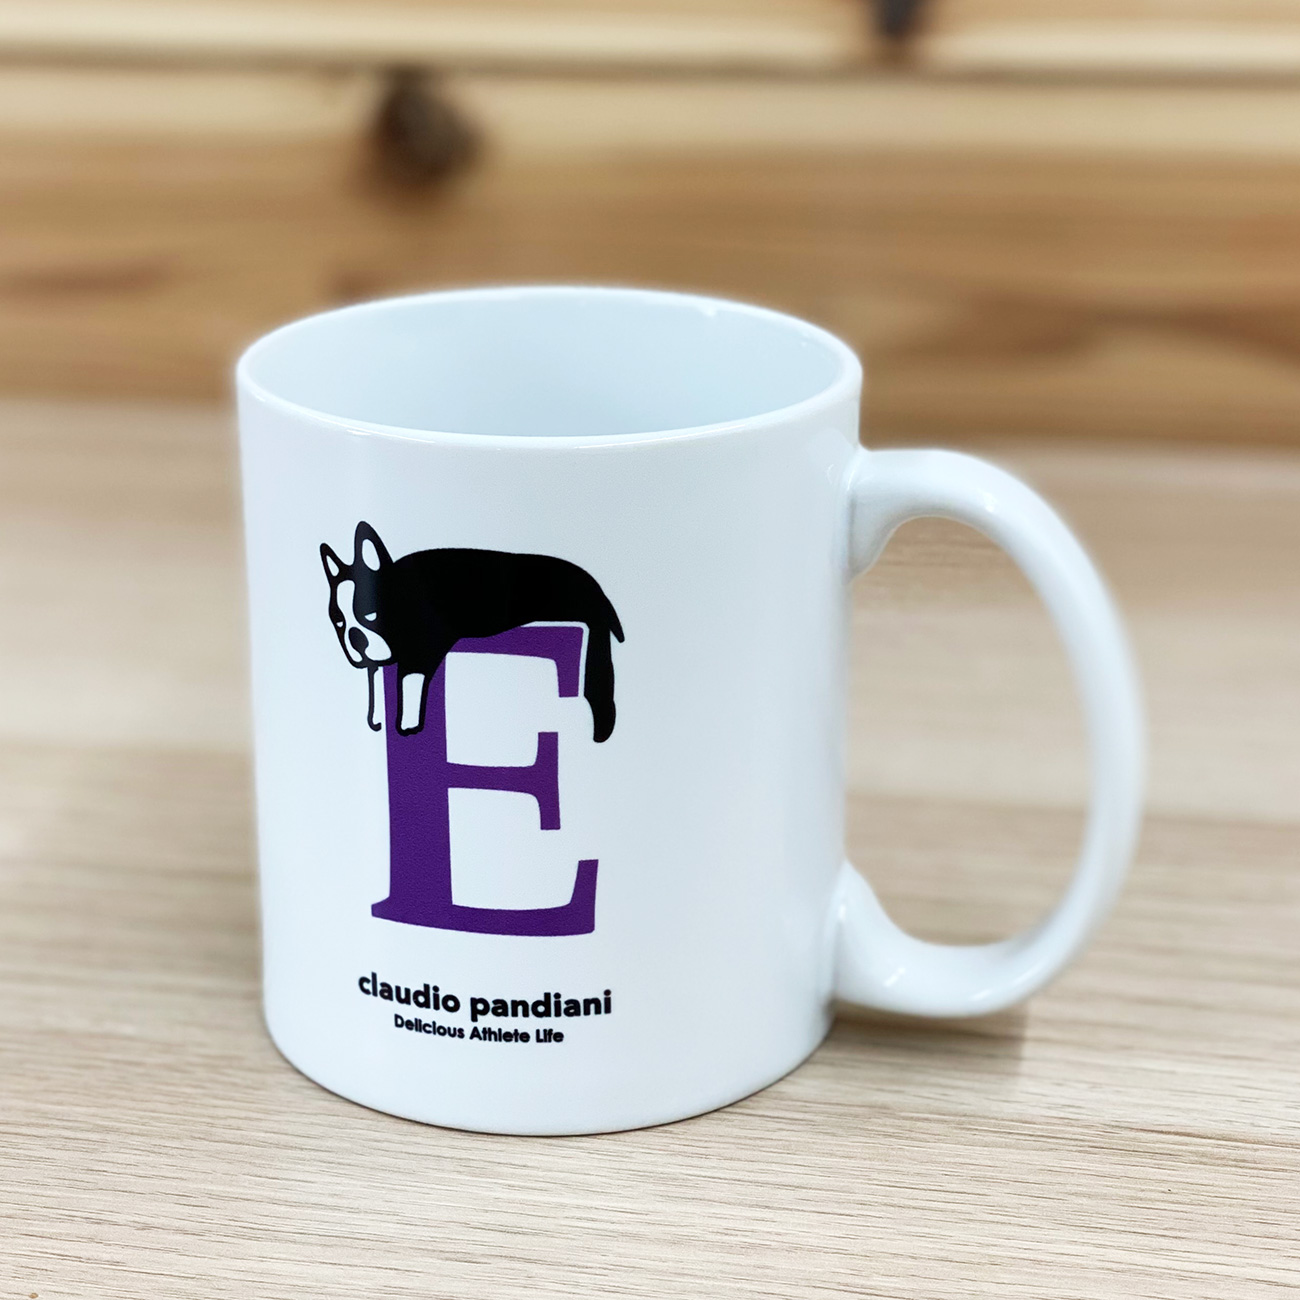 English de Pandiani+25E マグカップ